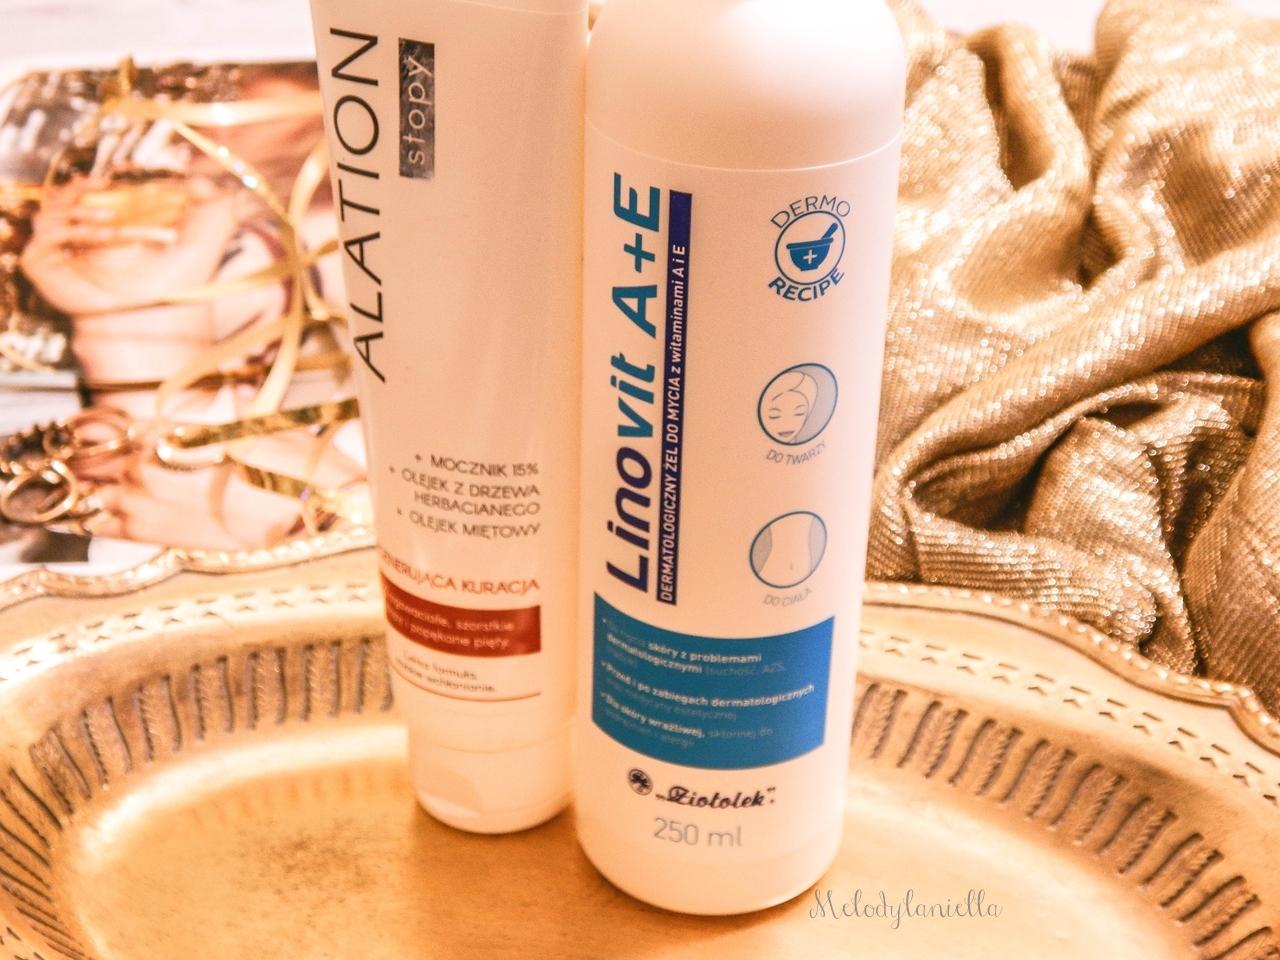 7 ziołolek Linovit a + e dermatologiczny żel do mycia z witaminami  recenzja opinia działanie żel produkty do skóry alergicznej mieszanej atopowej trudnej wrażliwej